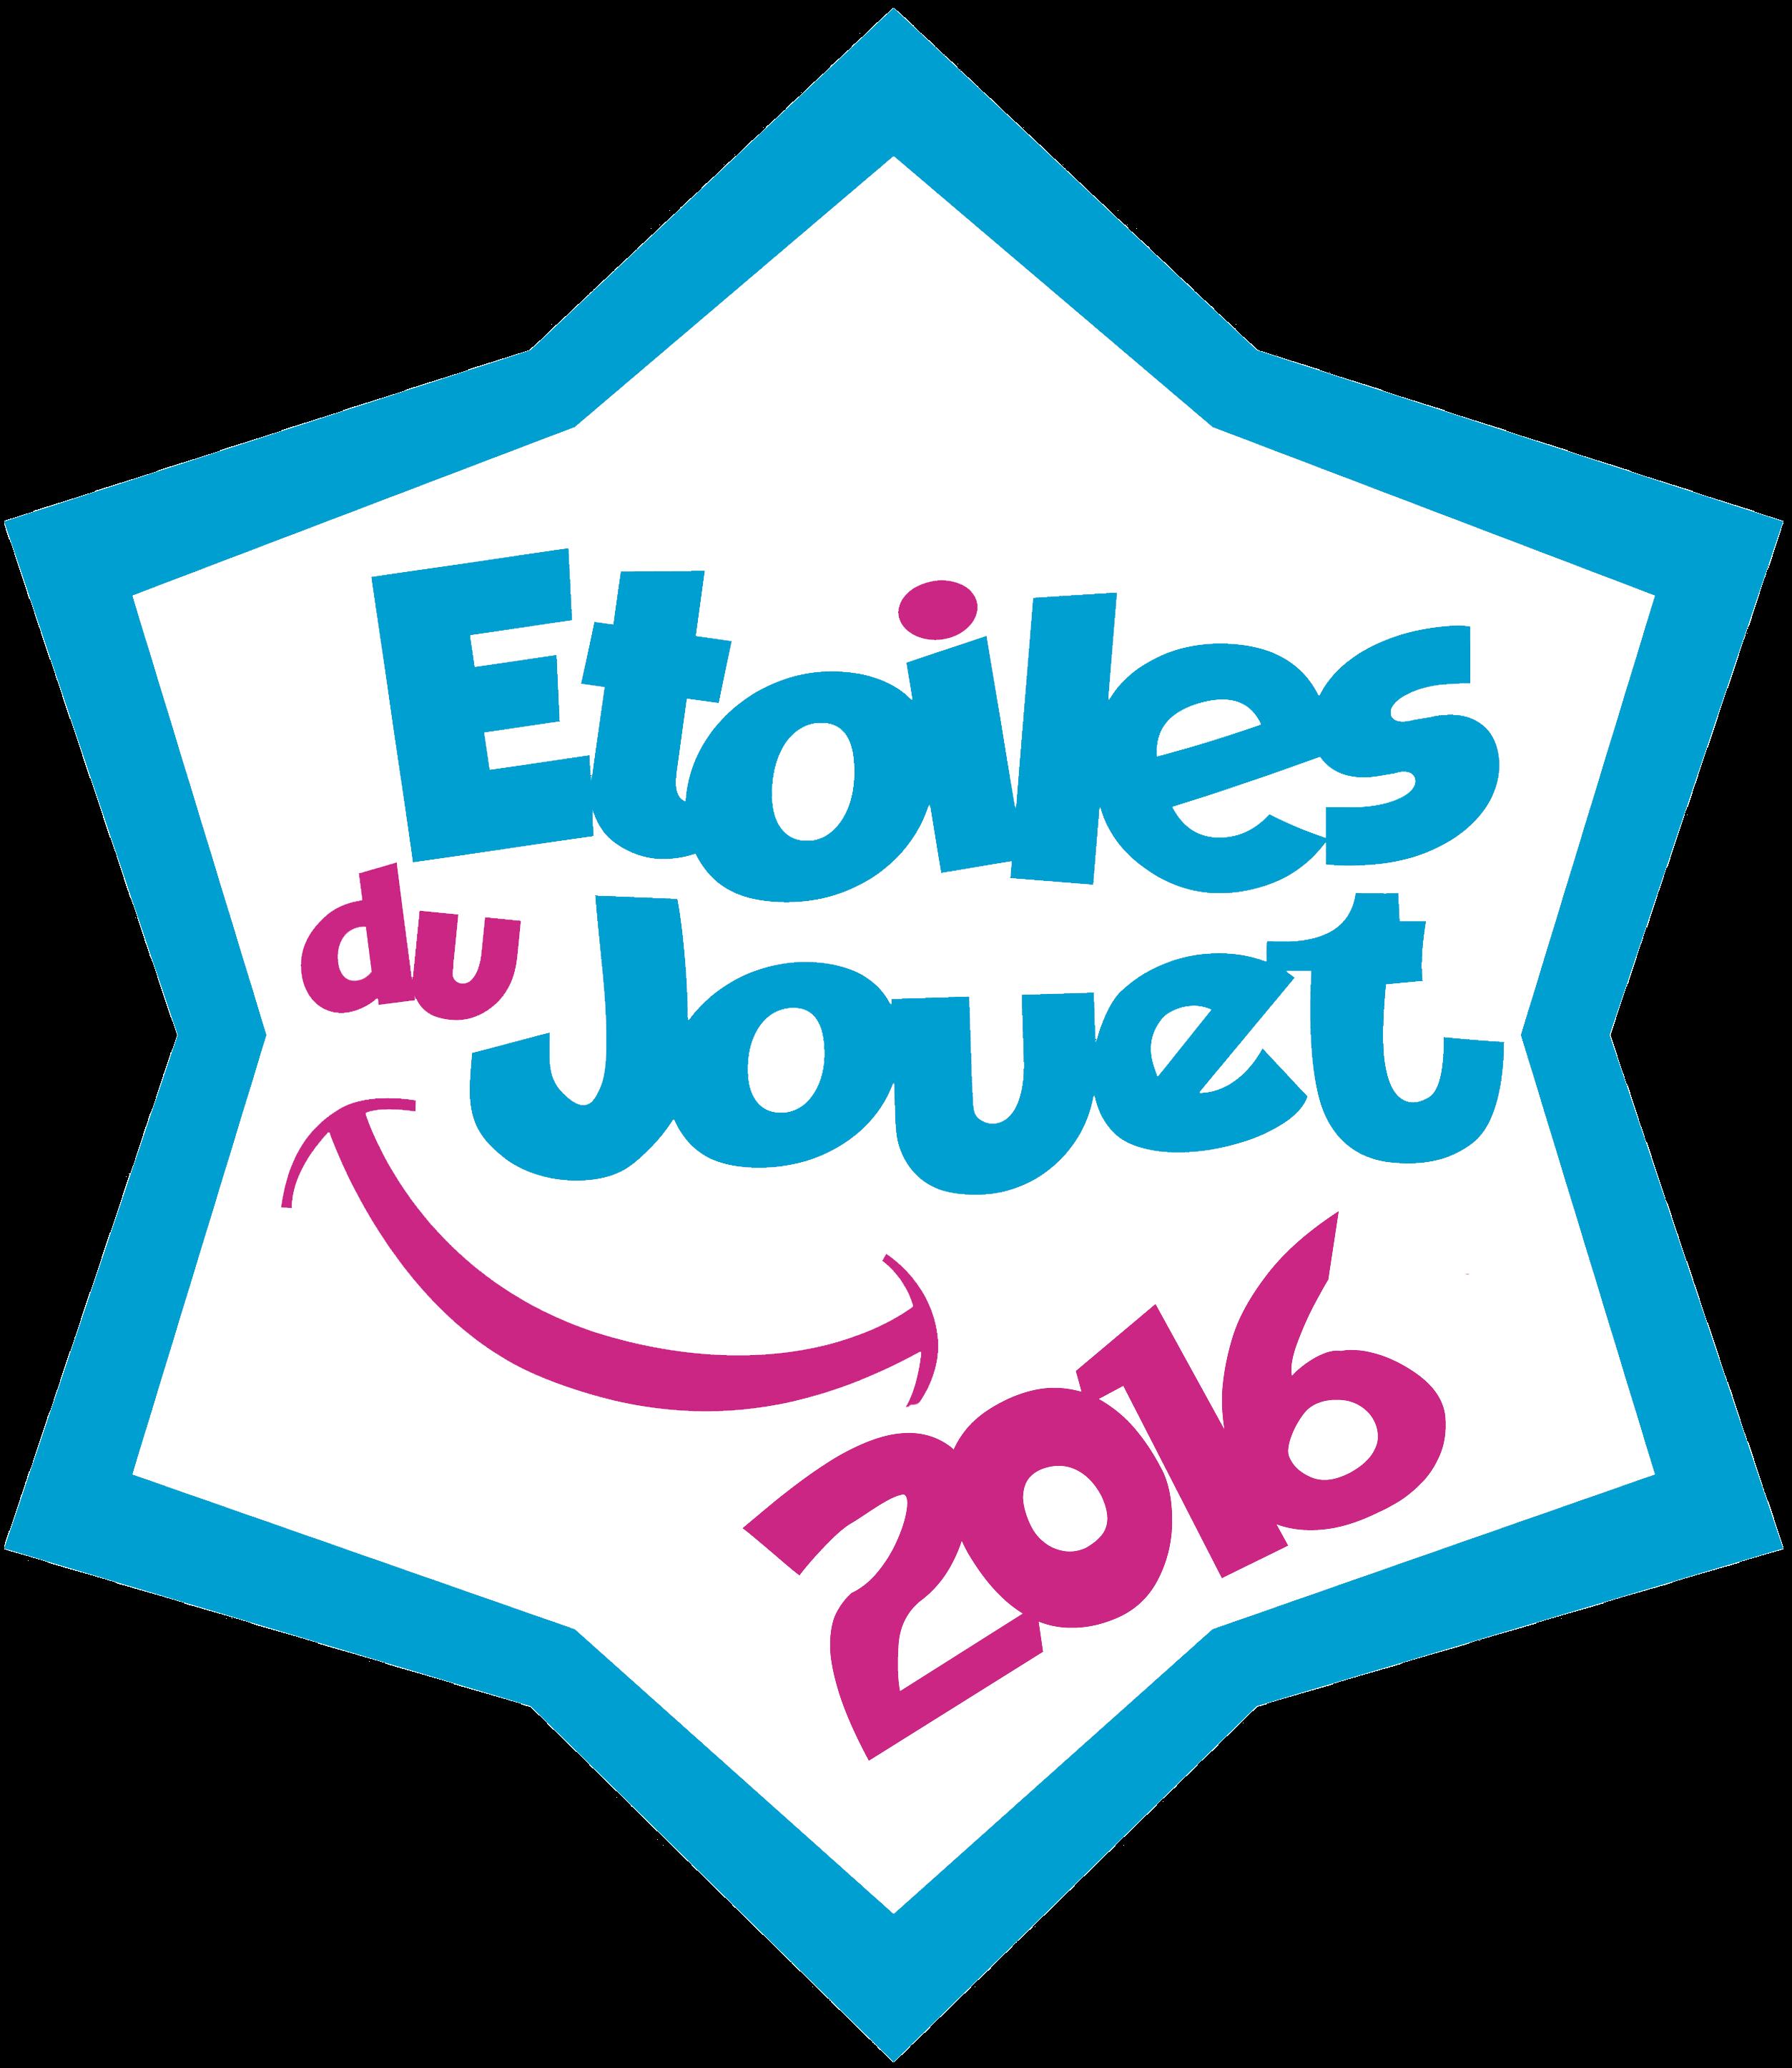 logo-edj-2016_fnd-blc